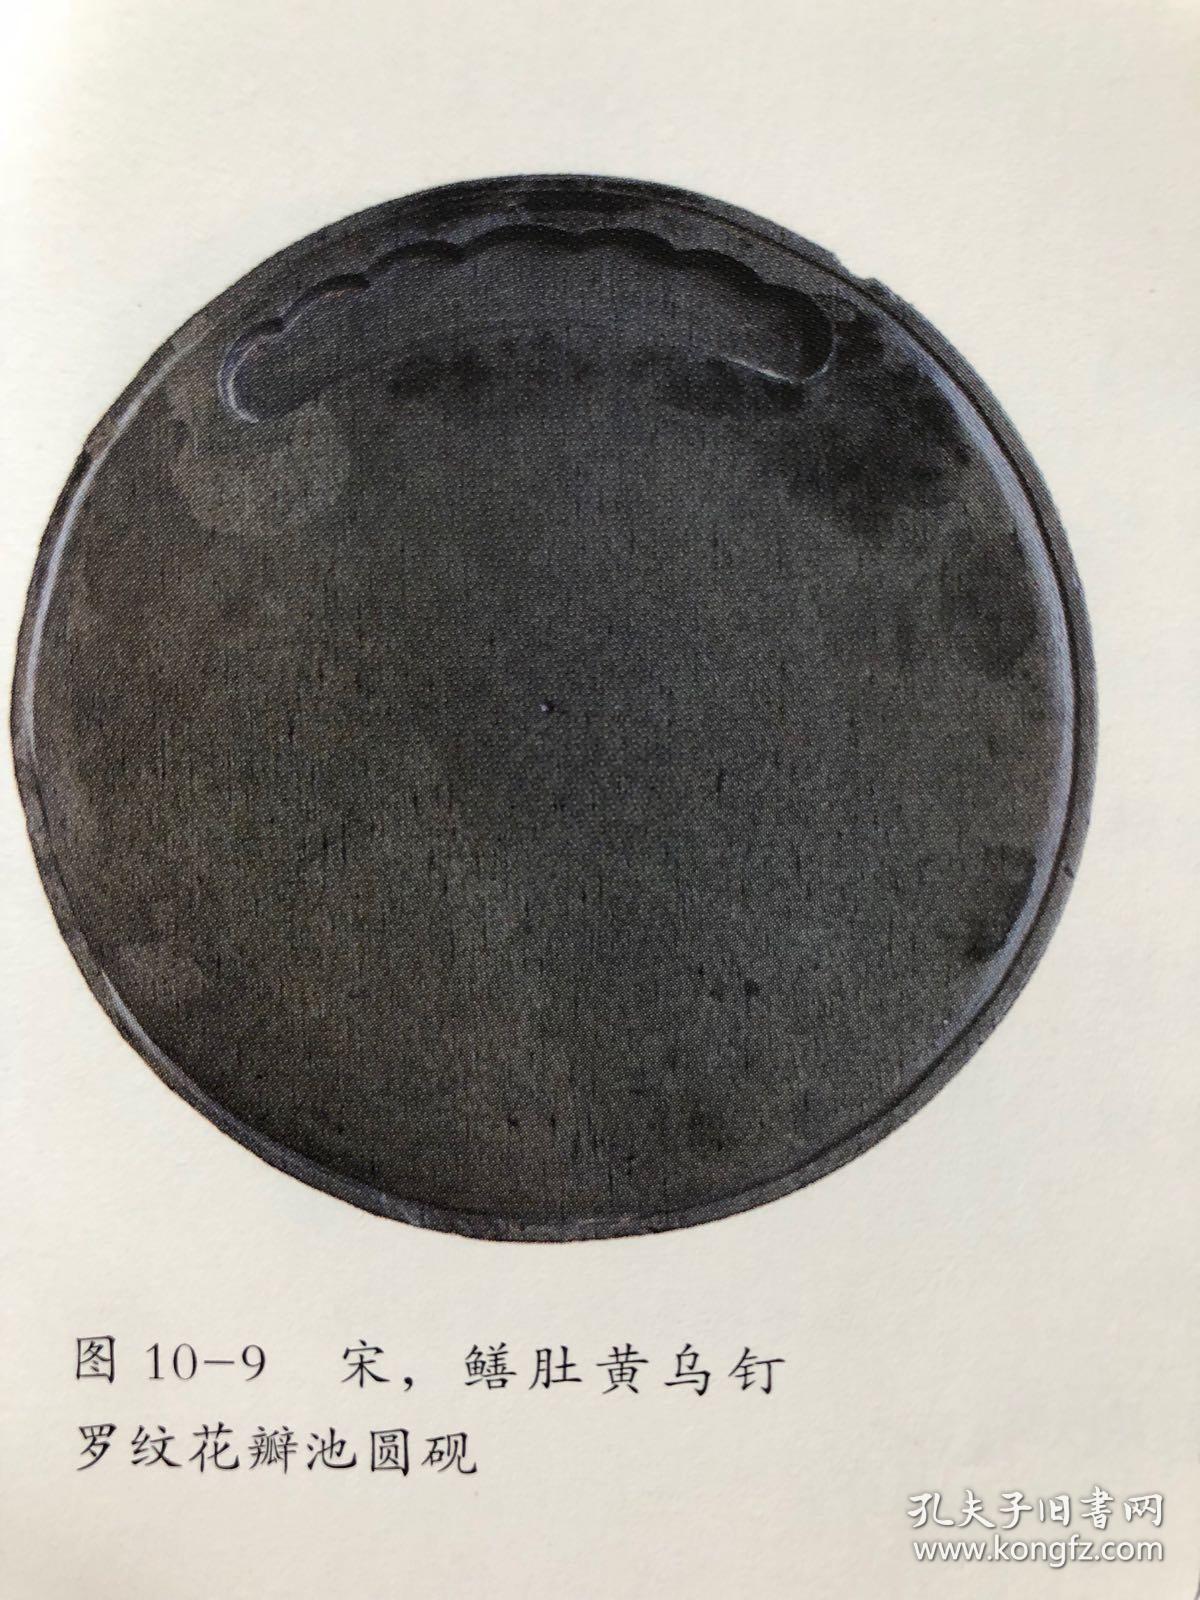 �^����_中国名砚:龙尾砚_程歗,郑国庆 著_孔夫子旧书网